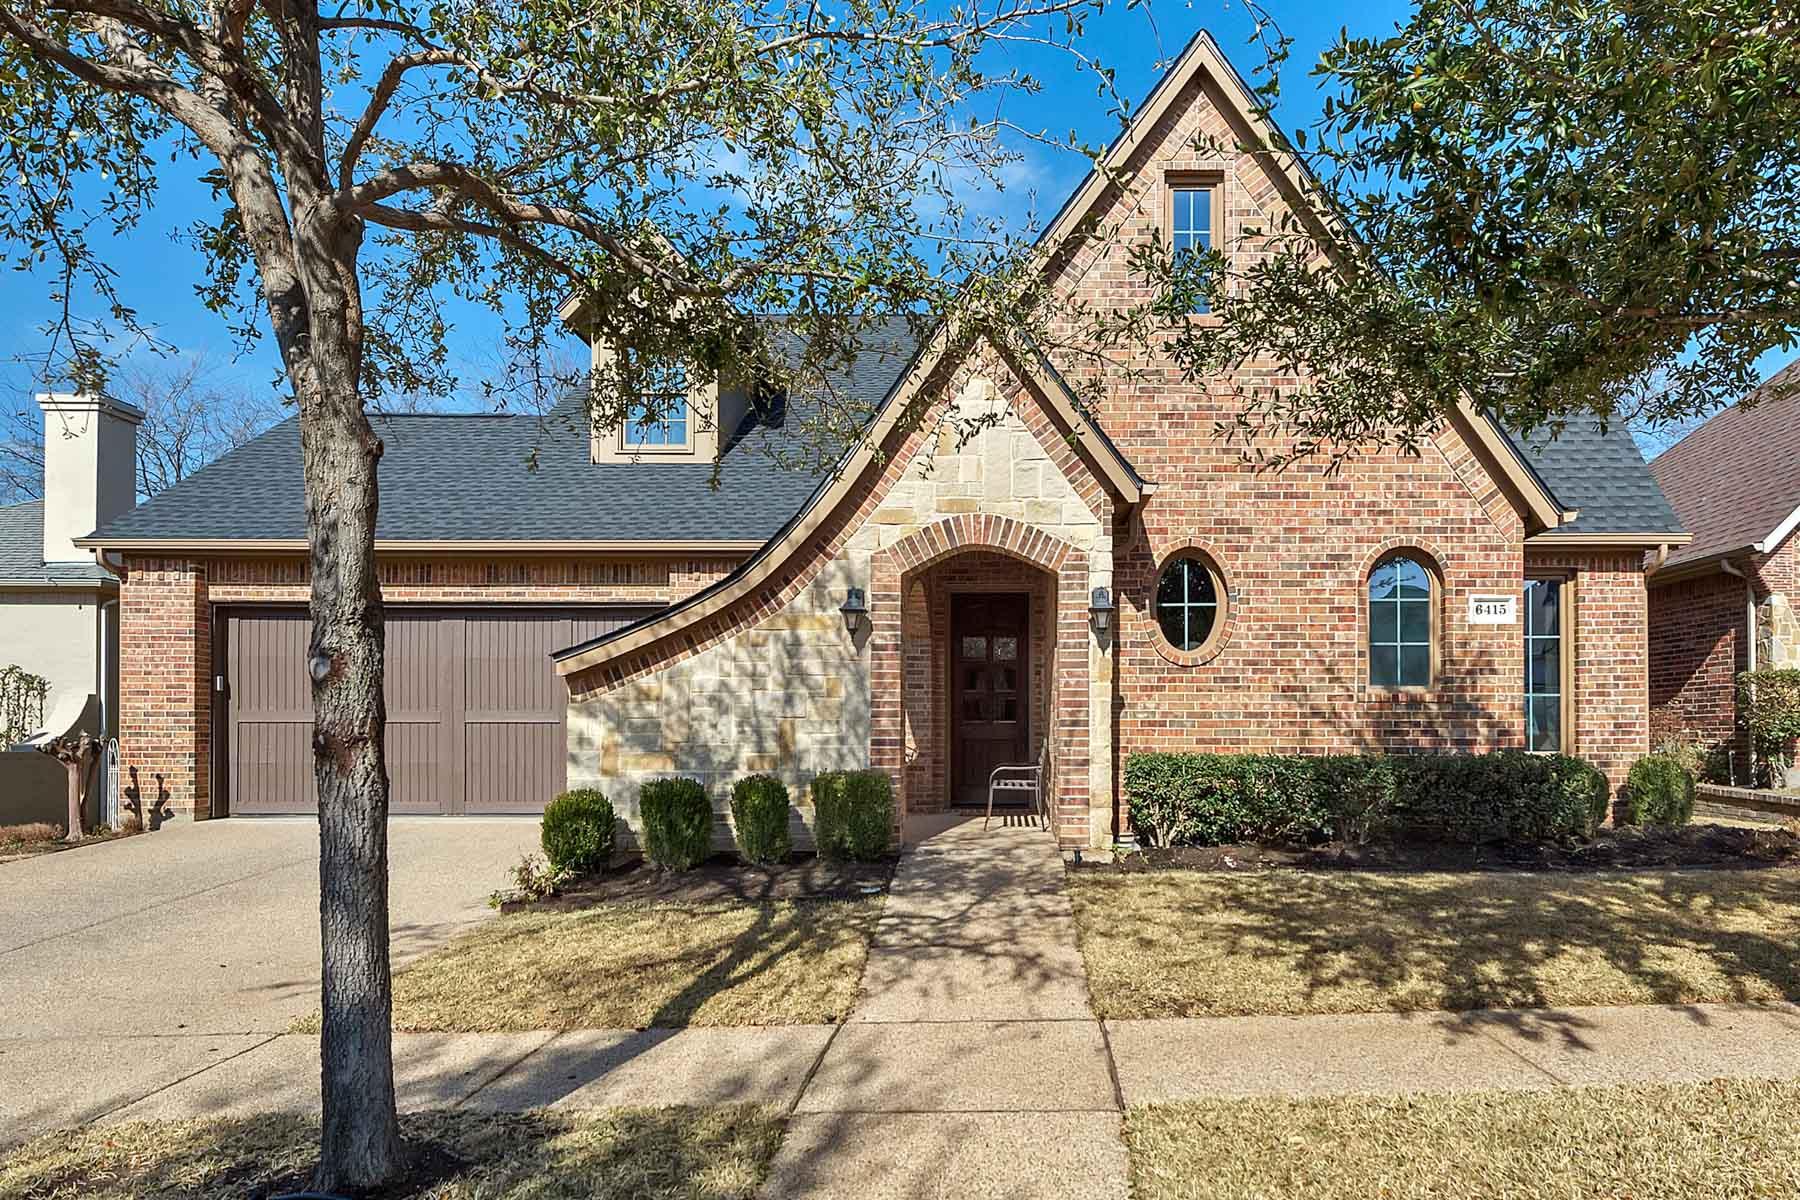 獨棟家庭住宅 為 出售 在 6415 Tuscany Park Drive, Arlington Arlington, 德克薩斯州, 76016 美國